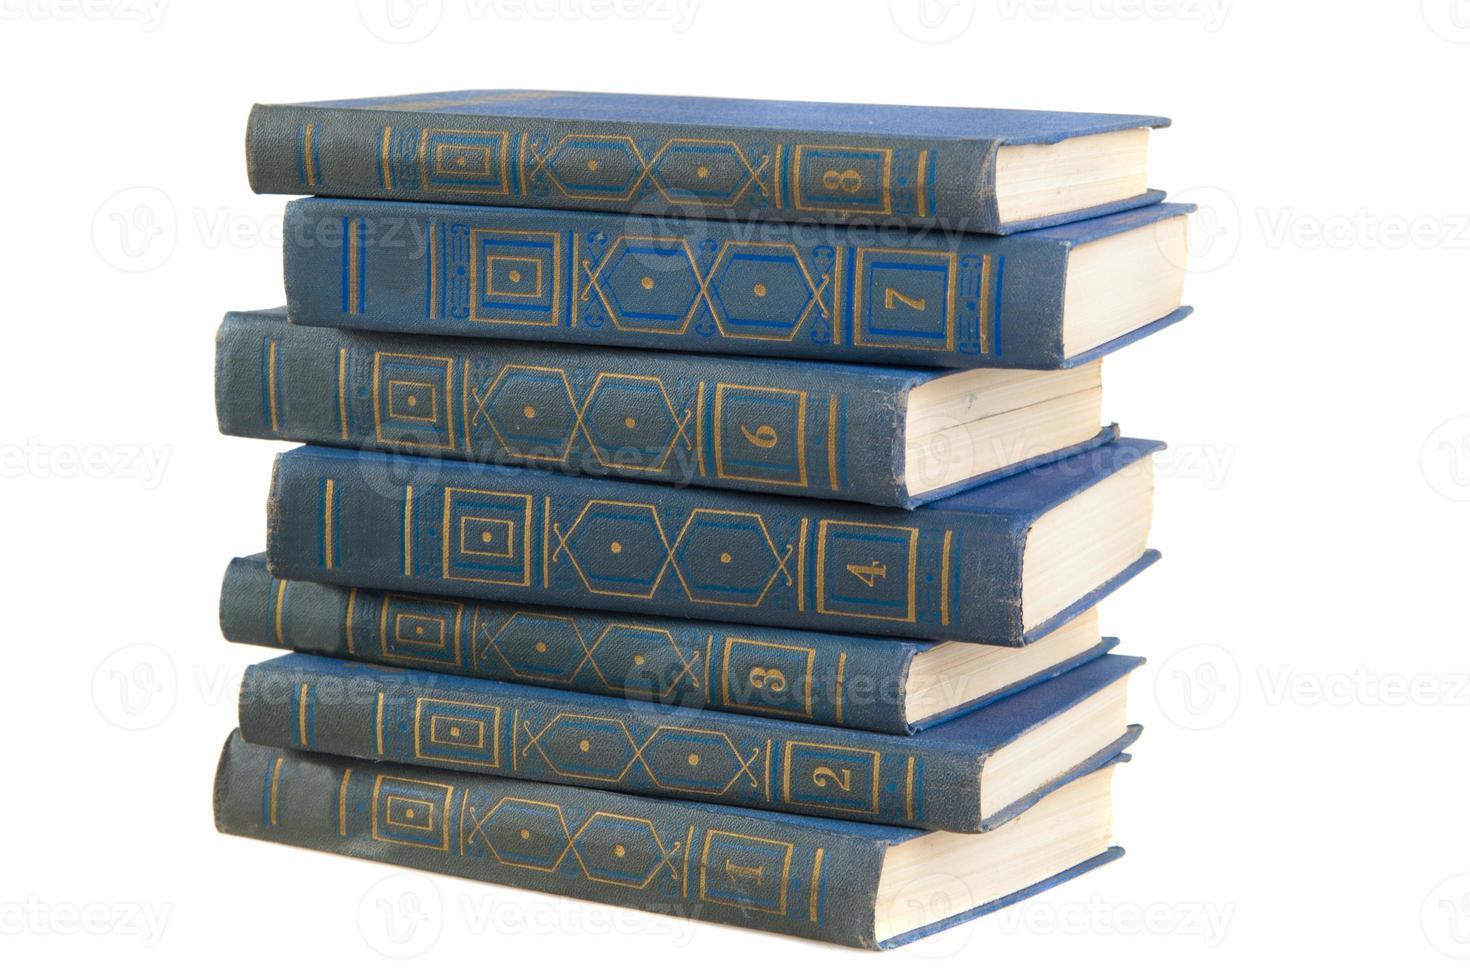 vieux livres photo